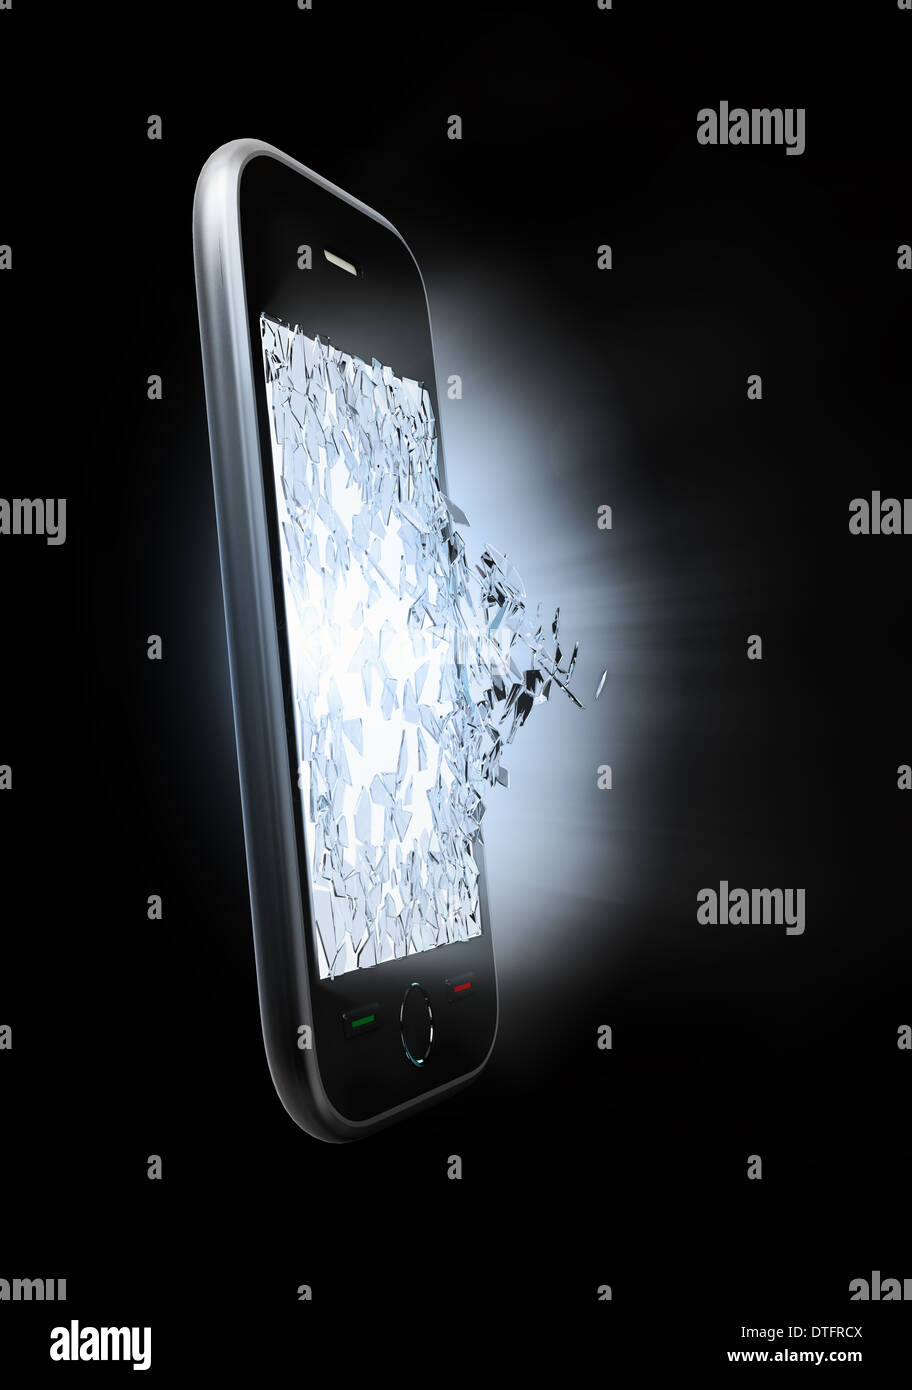 Un teléfono inteligente haciendo añicos la pantalla Imagen De Stock